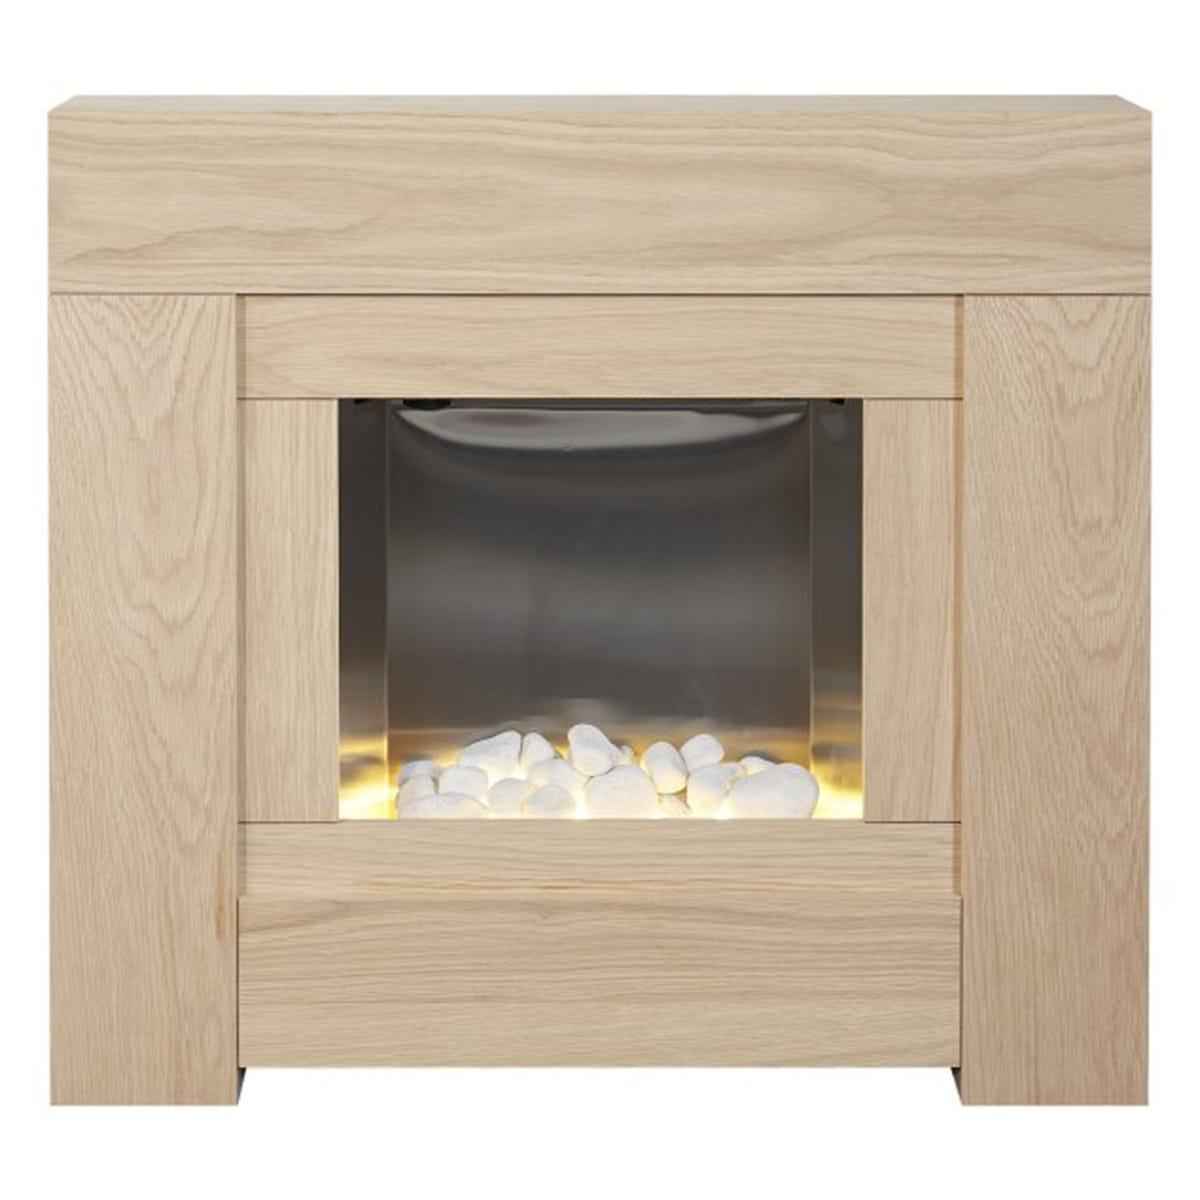 Adam Brooklyn Electric Fireplace Suite in Oak 30 Inch